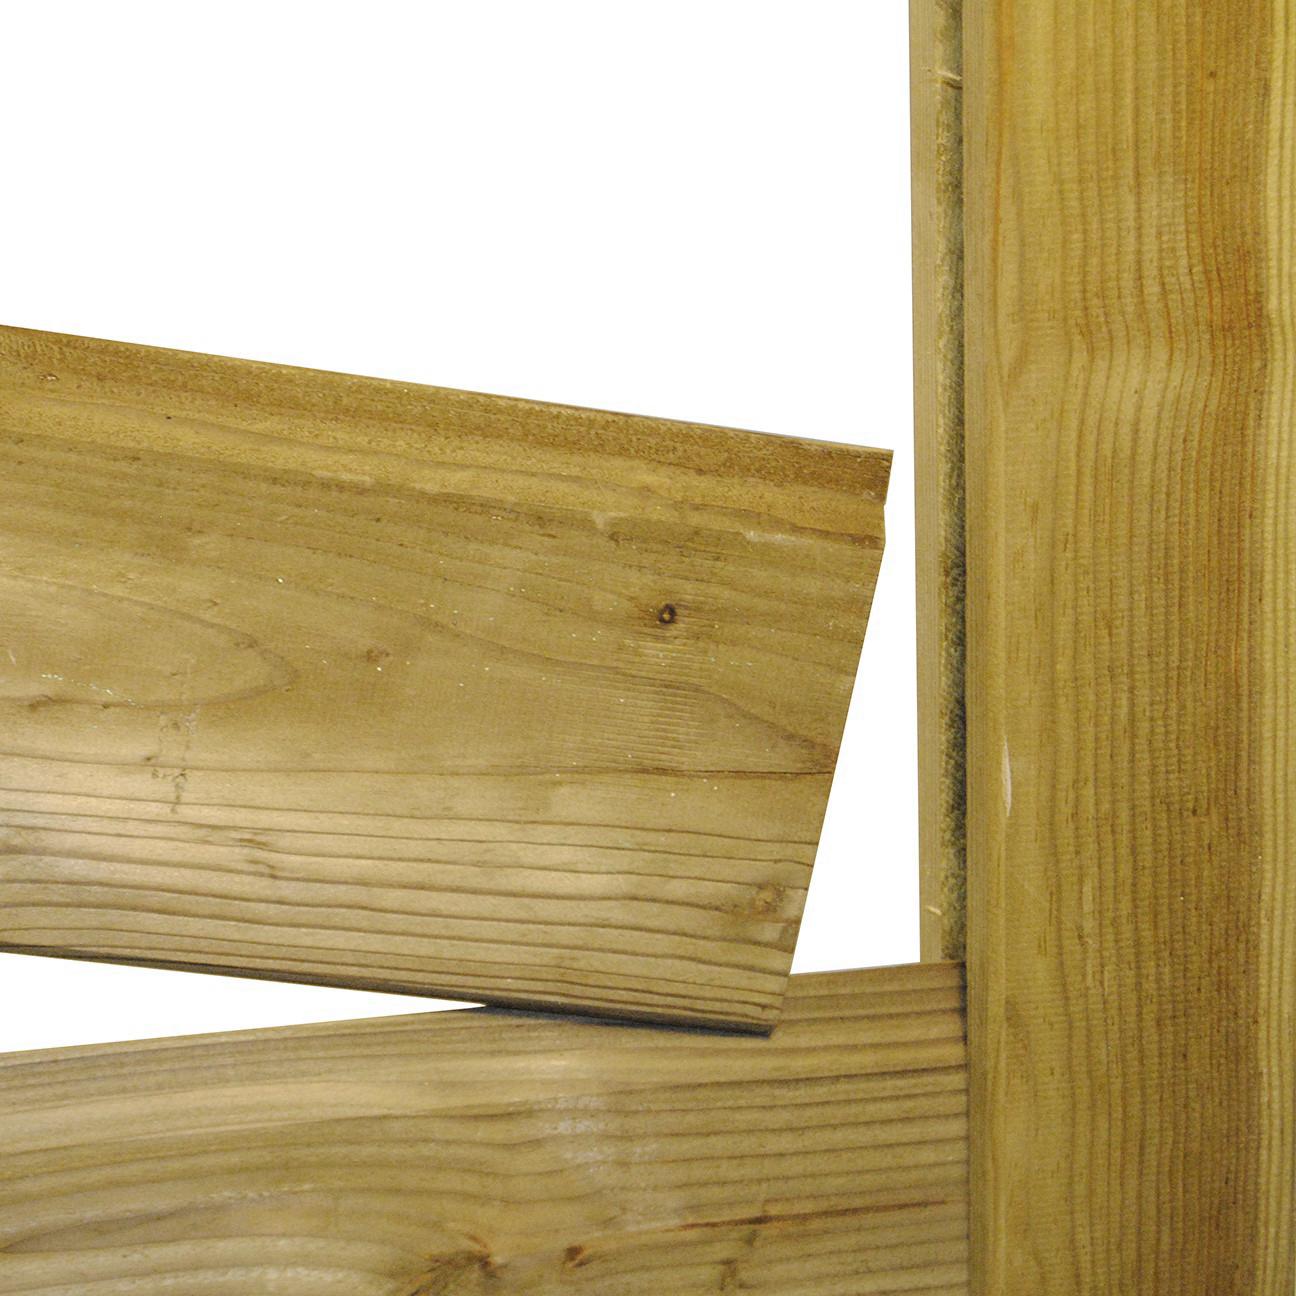 Cloture Bois Hauteur 2M50 poteau bois autoclave en h 200x9x9 cm pour jonction de clôture